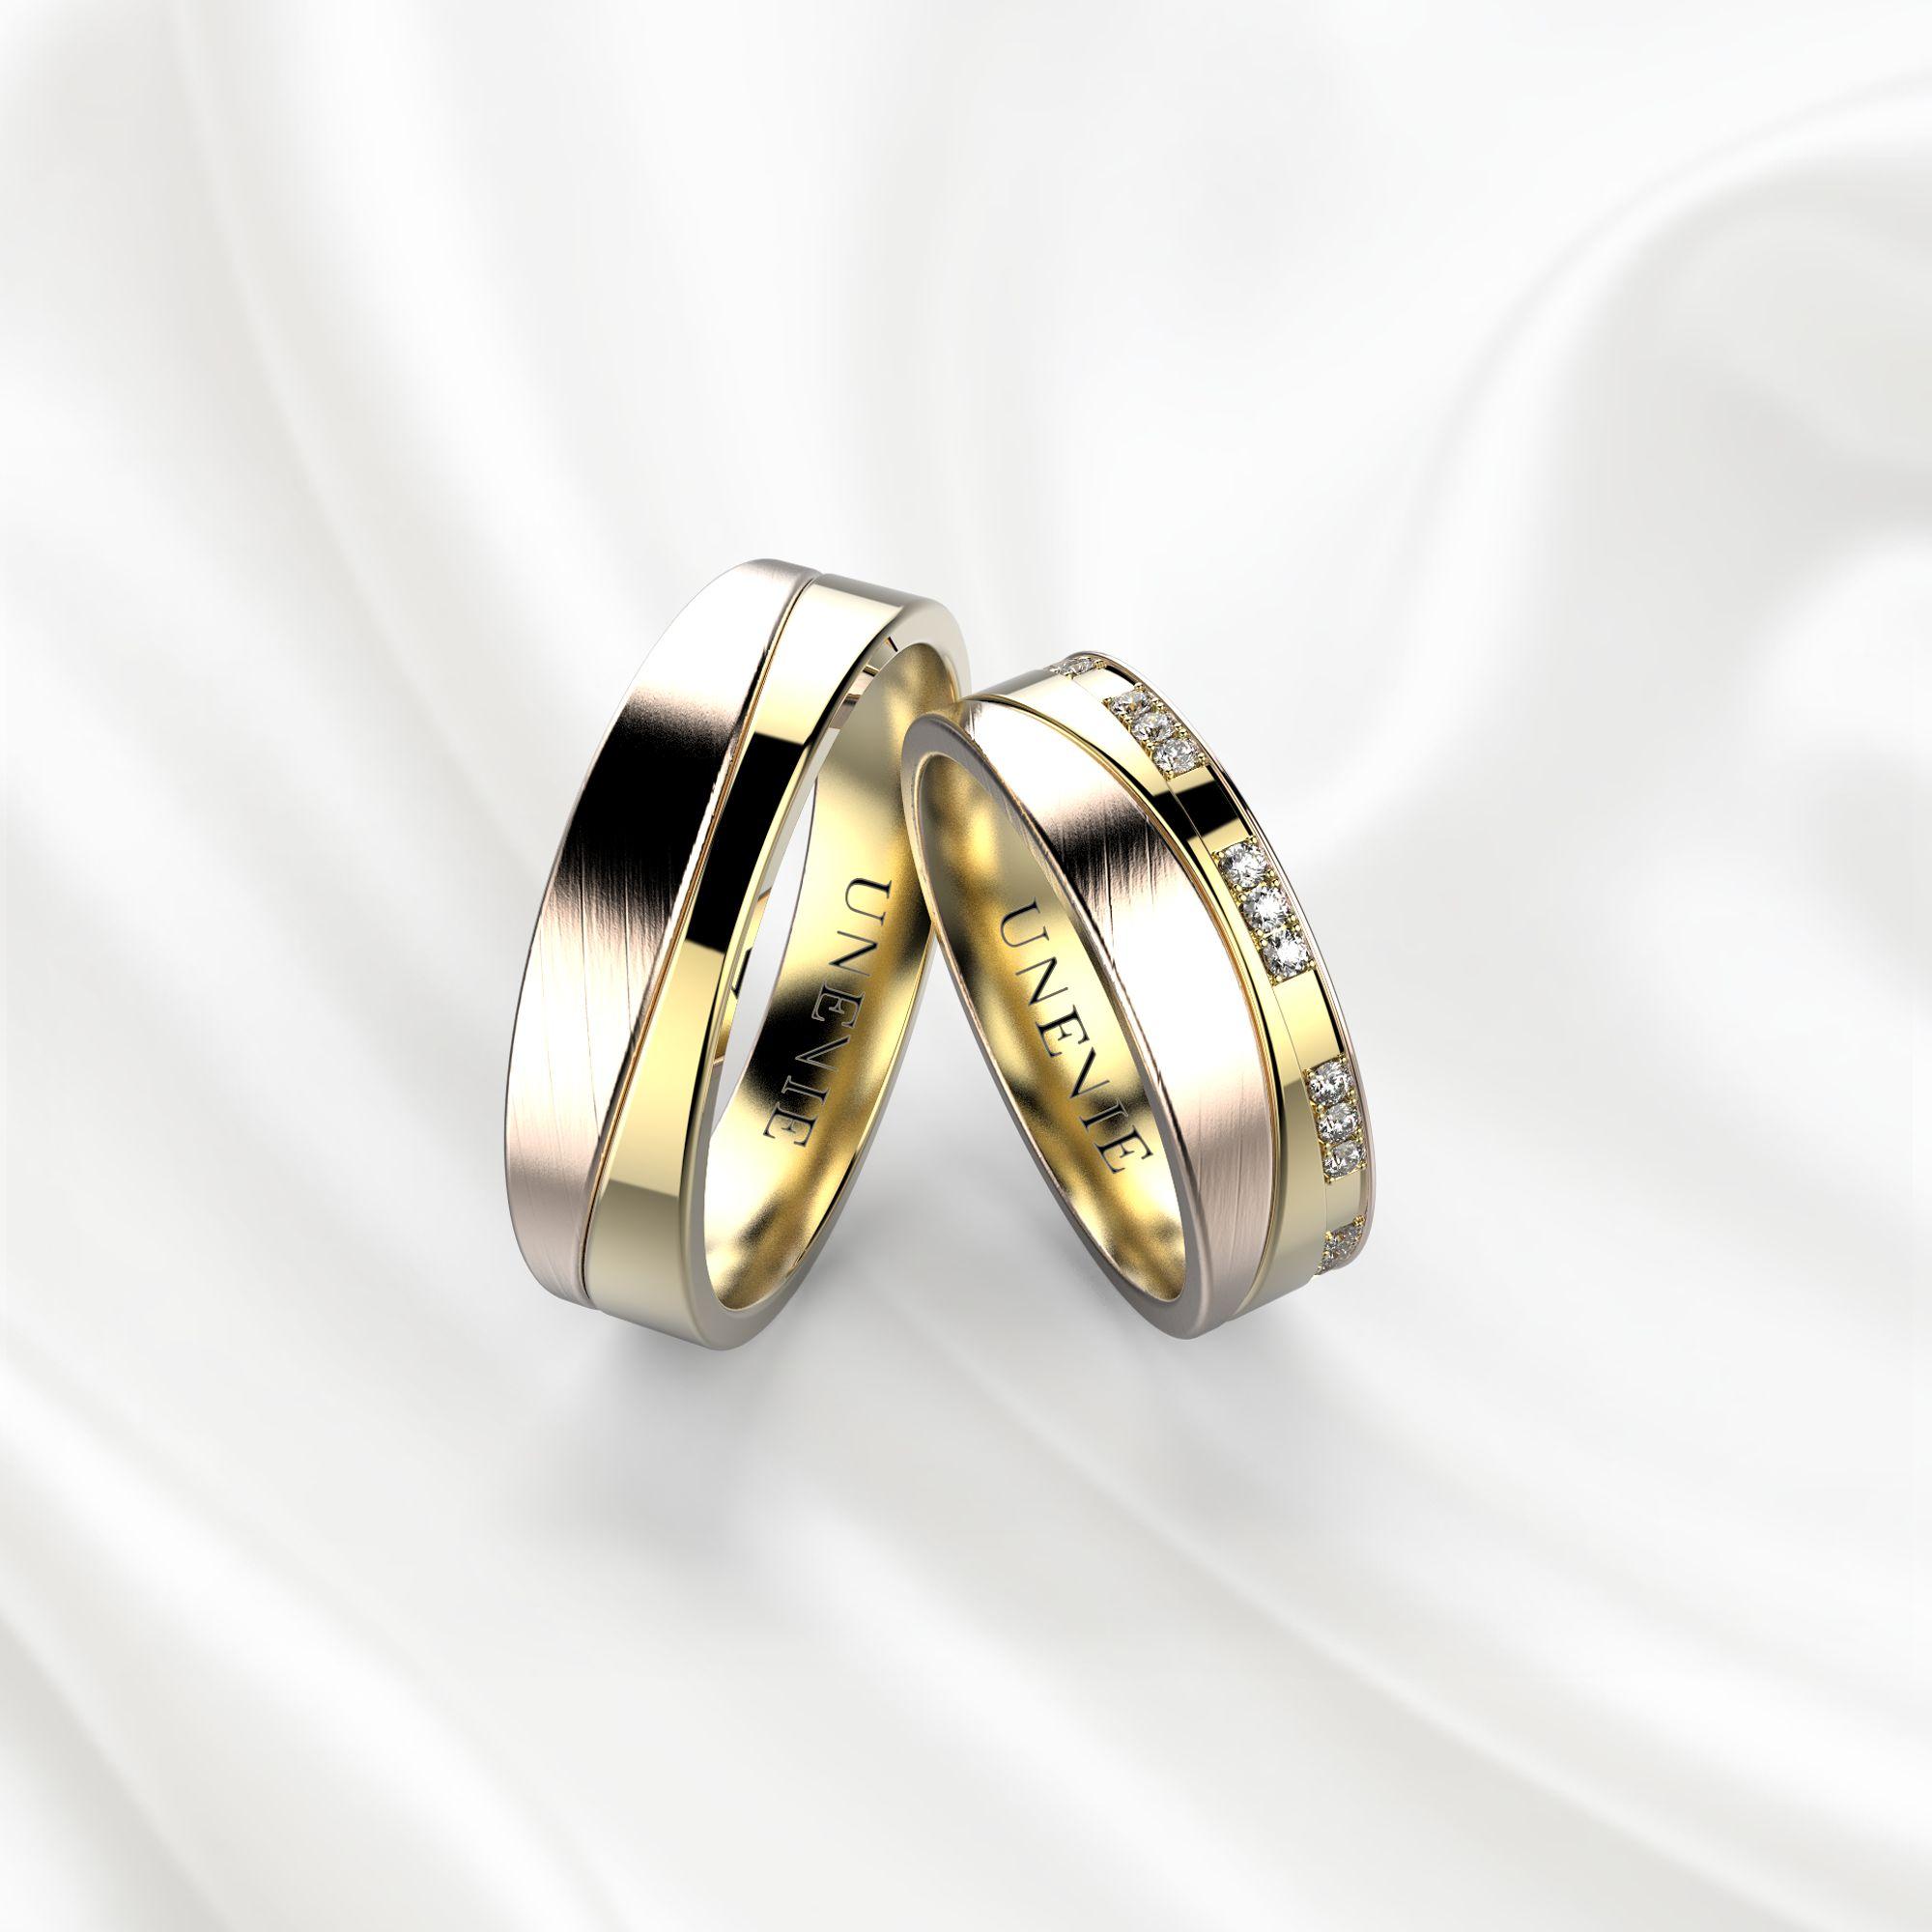 NV4 Обручальные кольца из розово-желтого